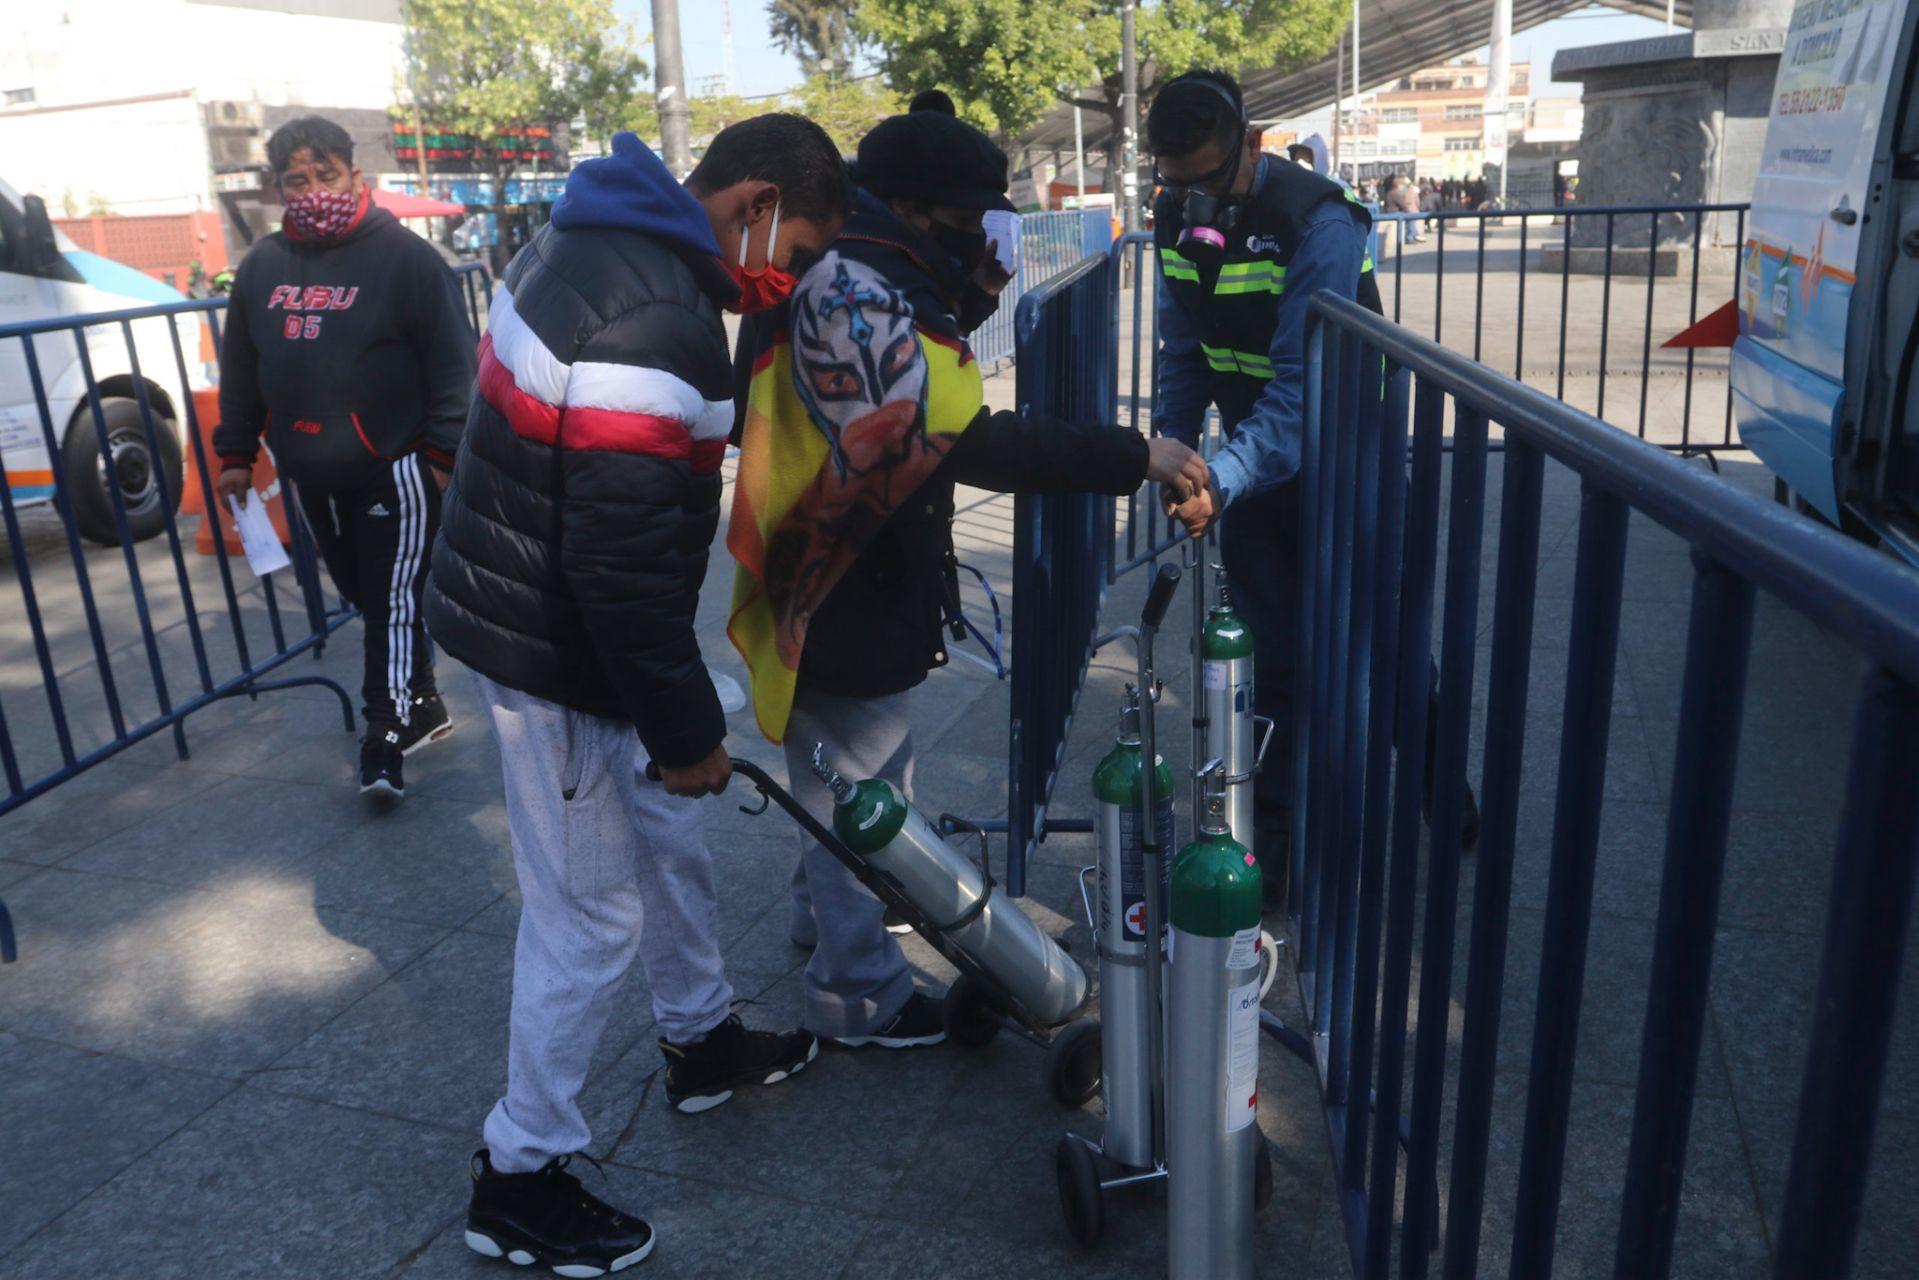 Quieren oxígeno gratuito para familias de escasos recursos en León - Eje Central